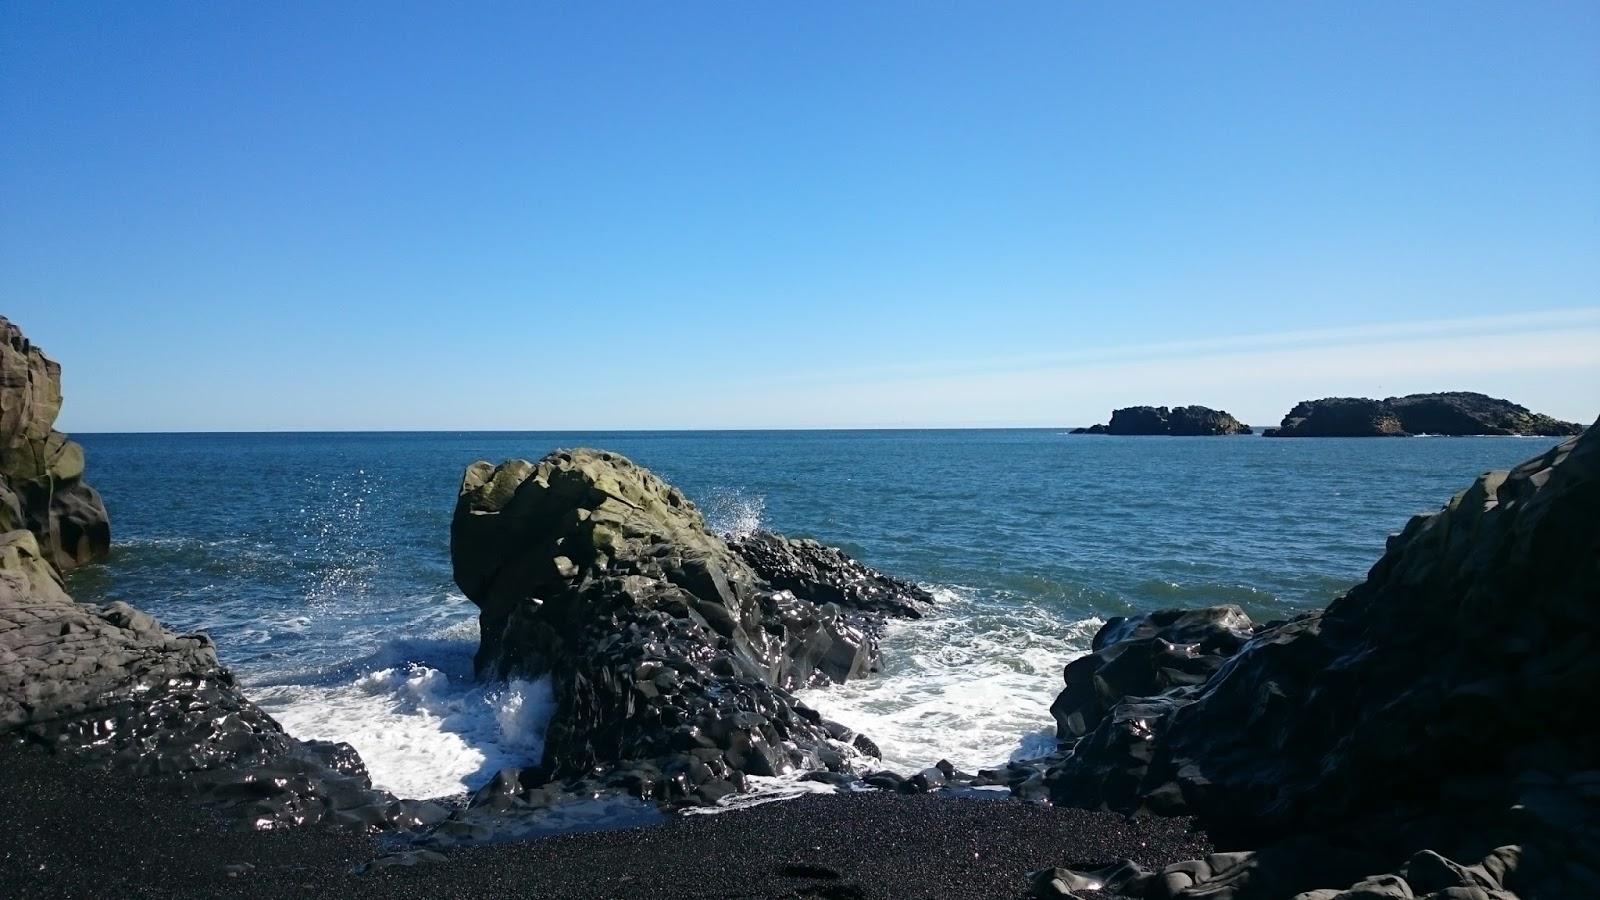 plaża przy Dyrholaey, ocean, plaża, czarna plaża, islandzka plaża